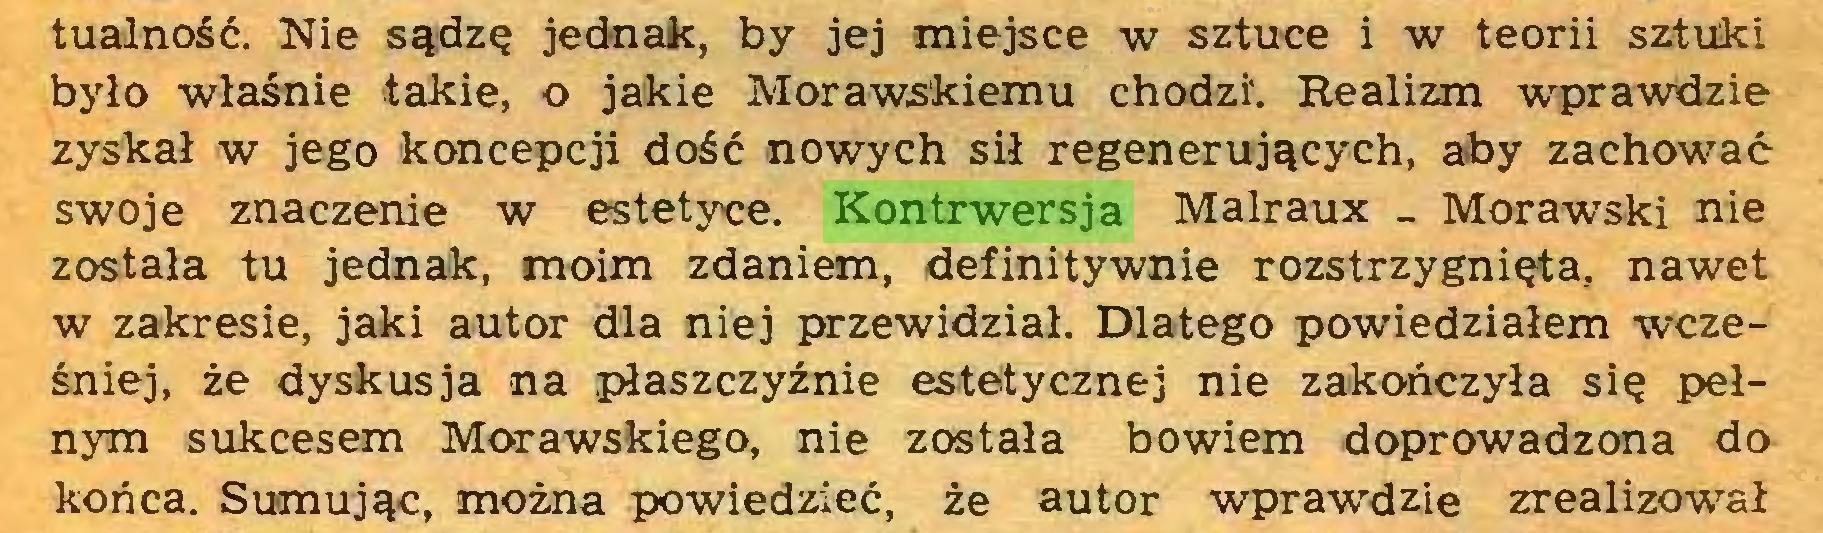 (...) tualność. Nie sądzę jednak, by jej miejsce w sztuce i w teorii sztuki było właśnie takie, o jakie Morawskiemu chodzi. Realizm wprawdzie zyskał w jego koncepcji dość nowych sił regenerujących, aby zachować swoje znaczenie w estetyce. Kontrwersja Malraux _ Morawski nie została tu jednak, moim zdaniem, definitywnie rozstrzygnięta, nawet w zakresie, jaki autor dla niej przewidział. Dlatego powiedziałem wcześniej, że dyskusja na płaszczyźnie estetycznej nie zakończyła się pełnym sukcesem Morawskiego, nie została bowiem doprowadzona do końca. Sumując, można powiedzieć, że autor wprawdzie zrealizował...